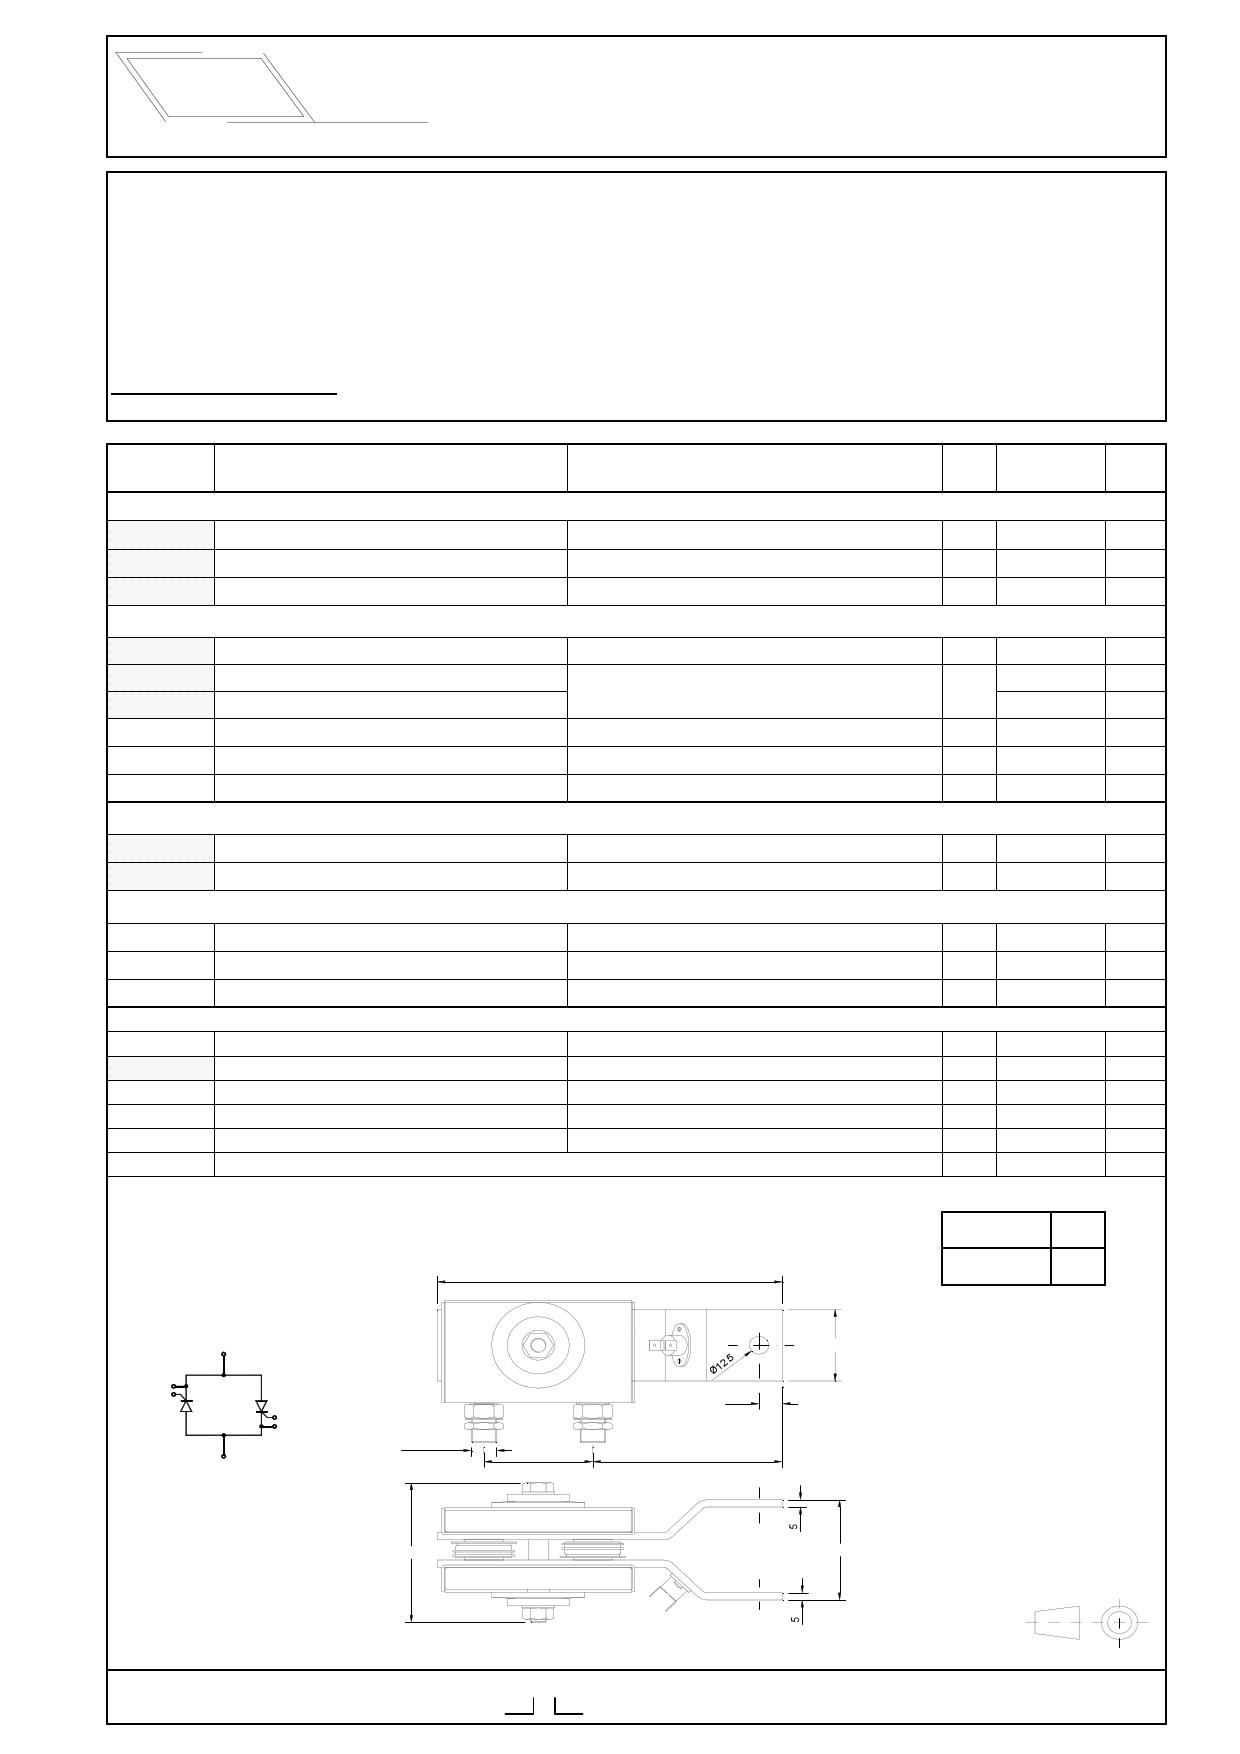 2-2WI-600S16 datasheet